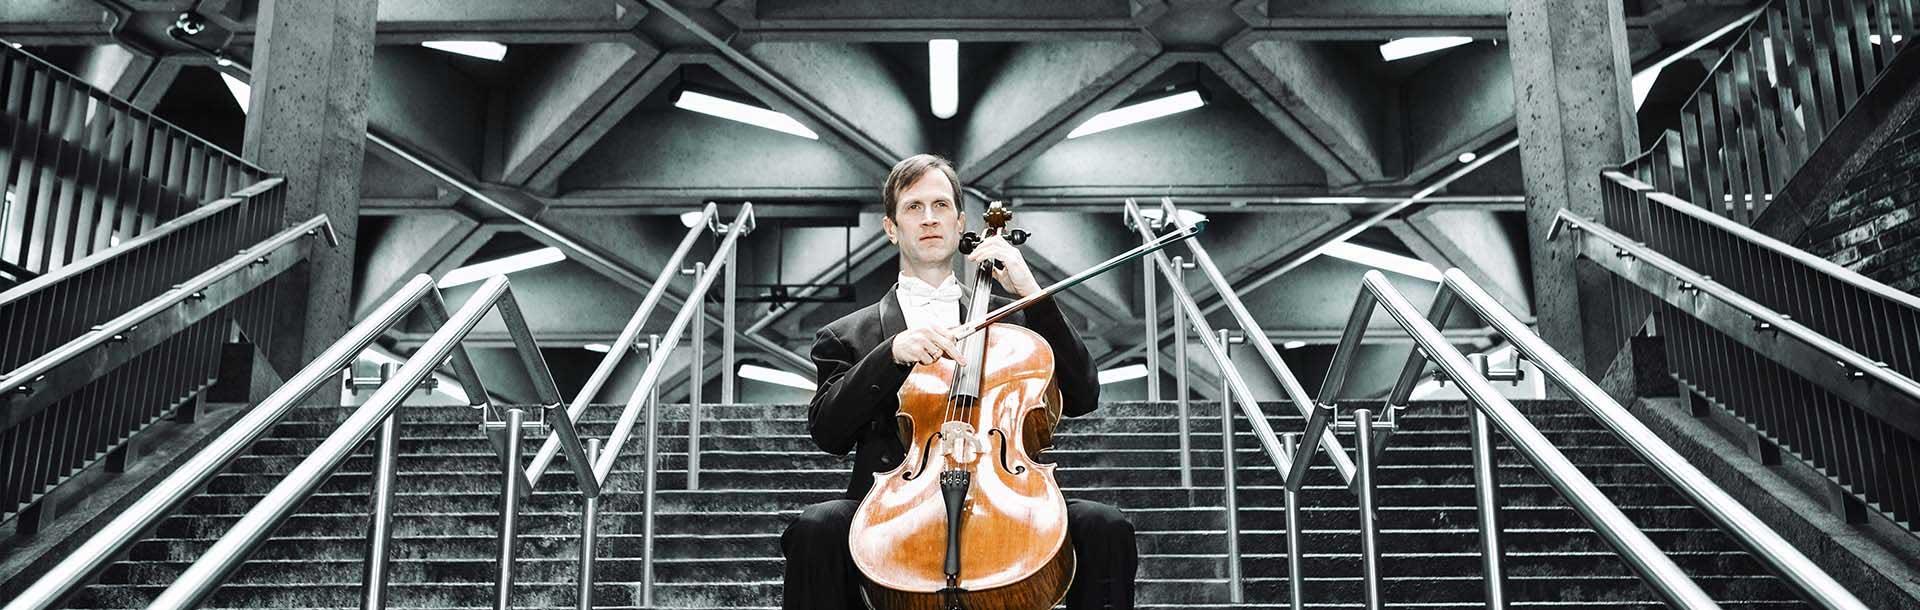 journee_messiaen_orchestre_symphonique_de_montreal_1920_610